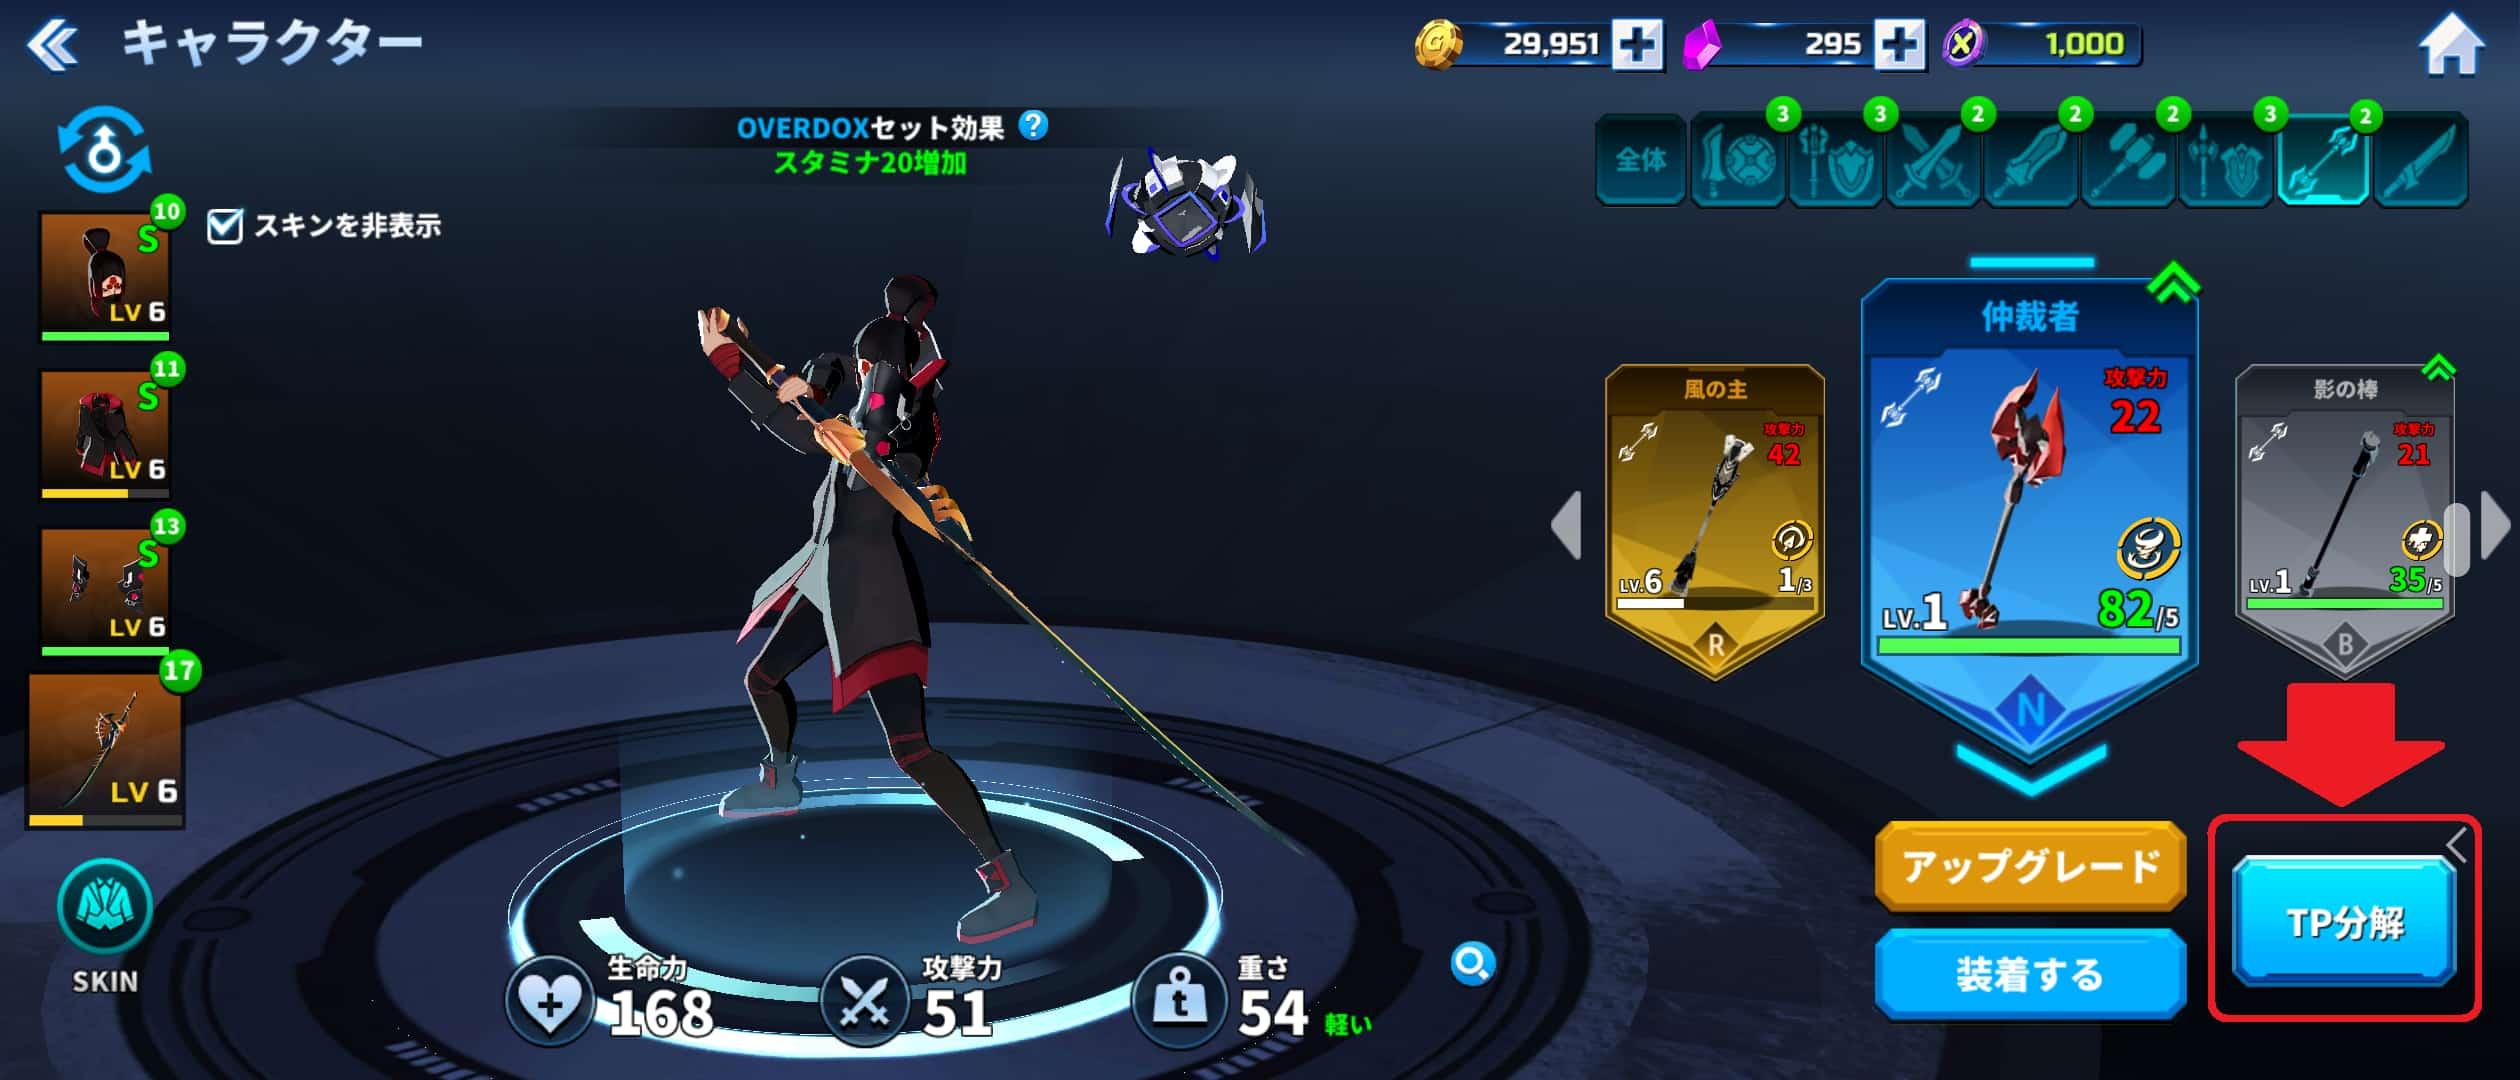 OVERDOXキャラクター画面